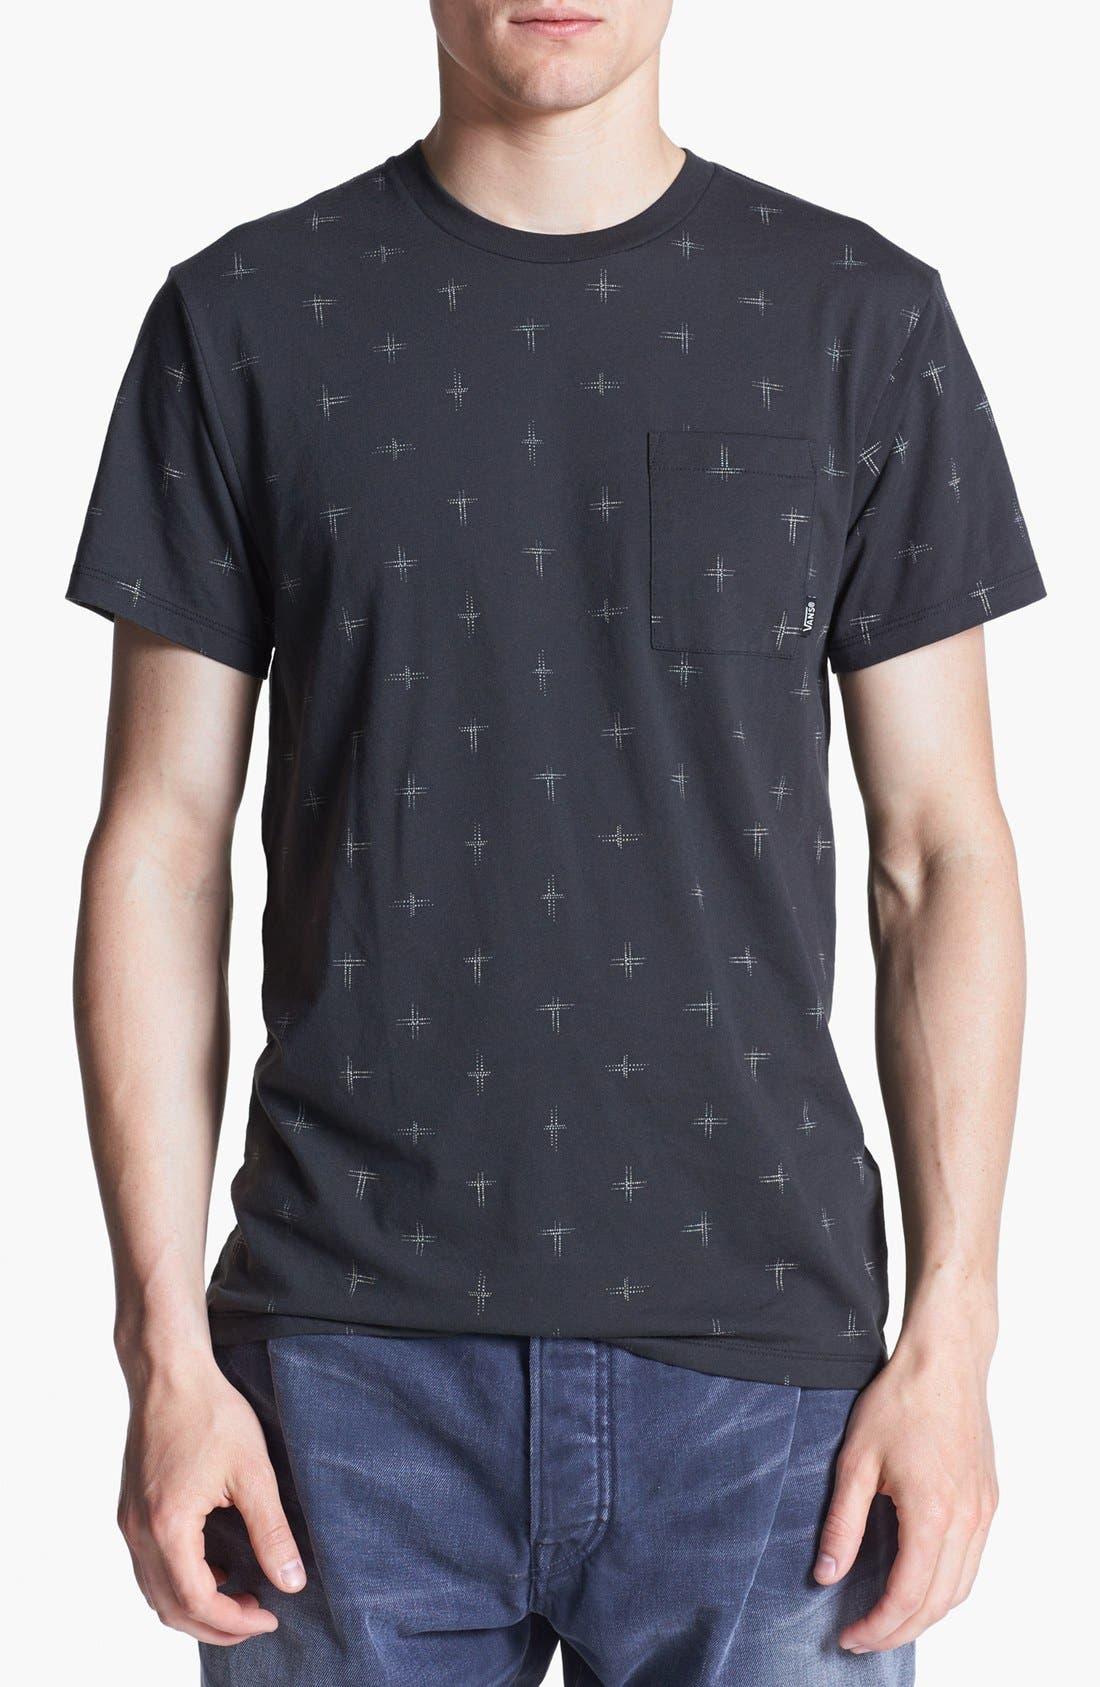 Main Image - Vans 'Noughts' Print T-Shirt